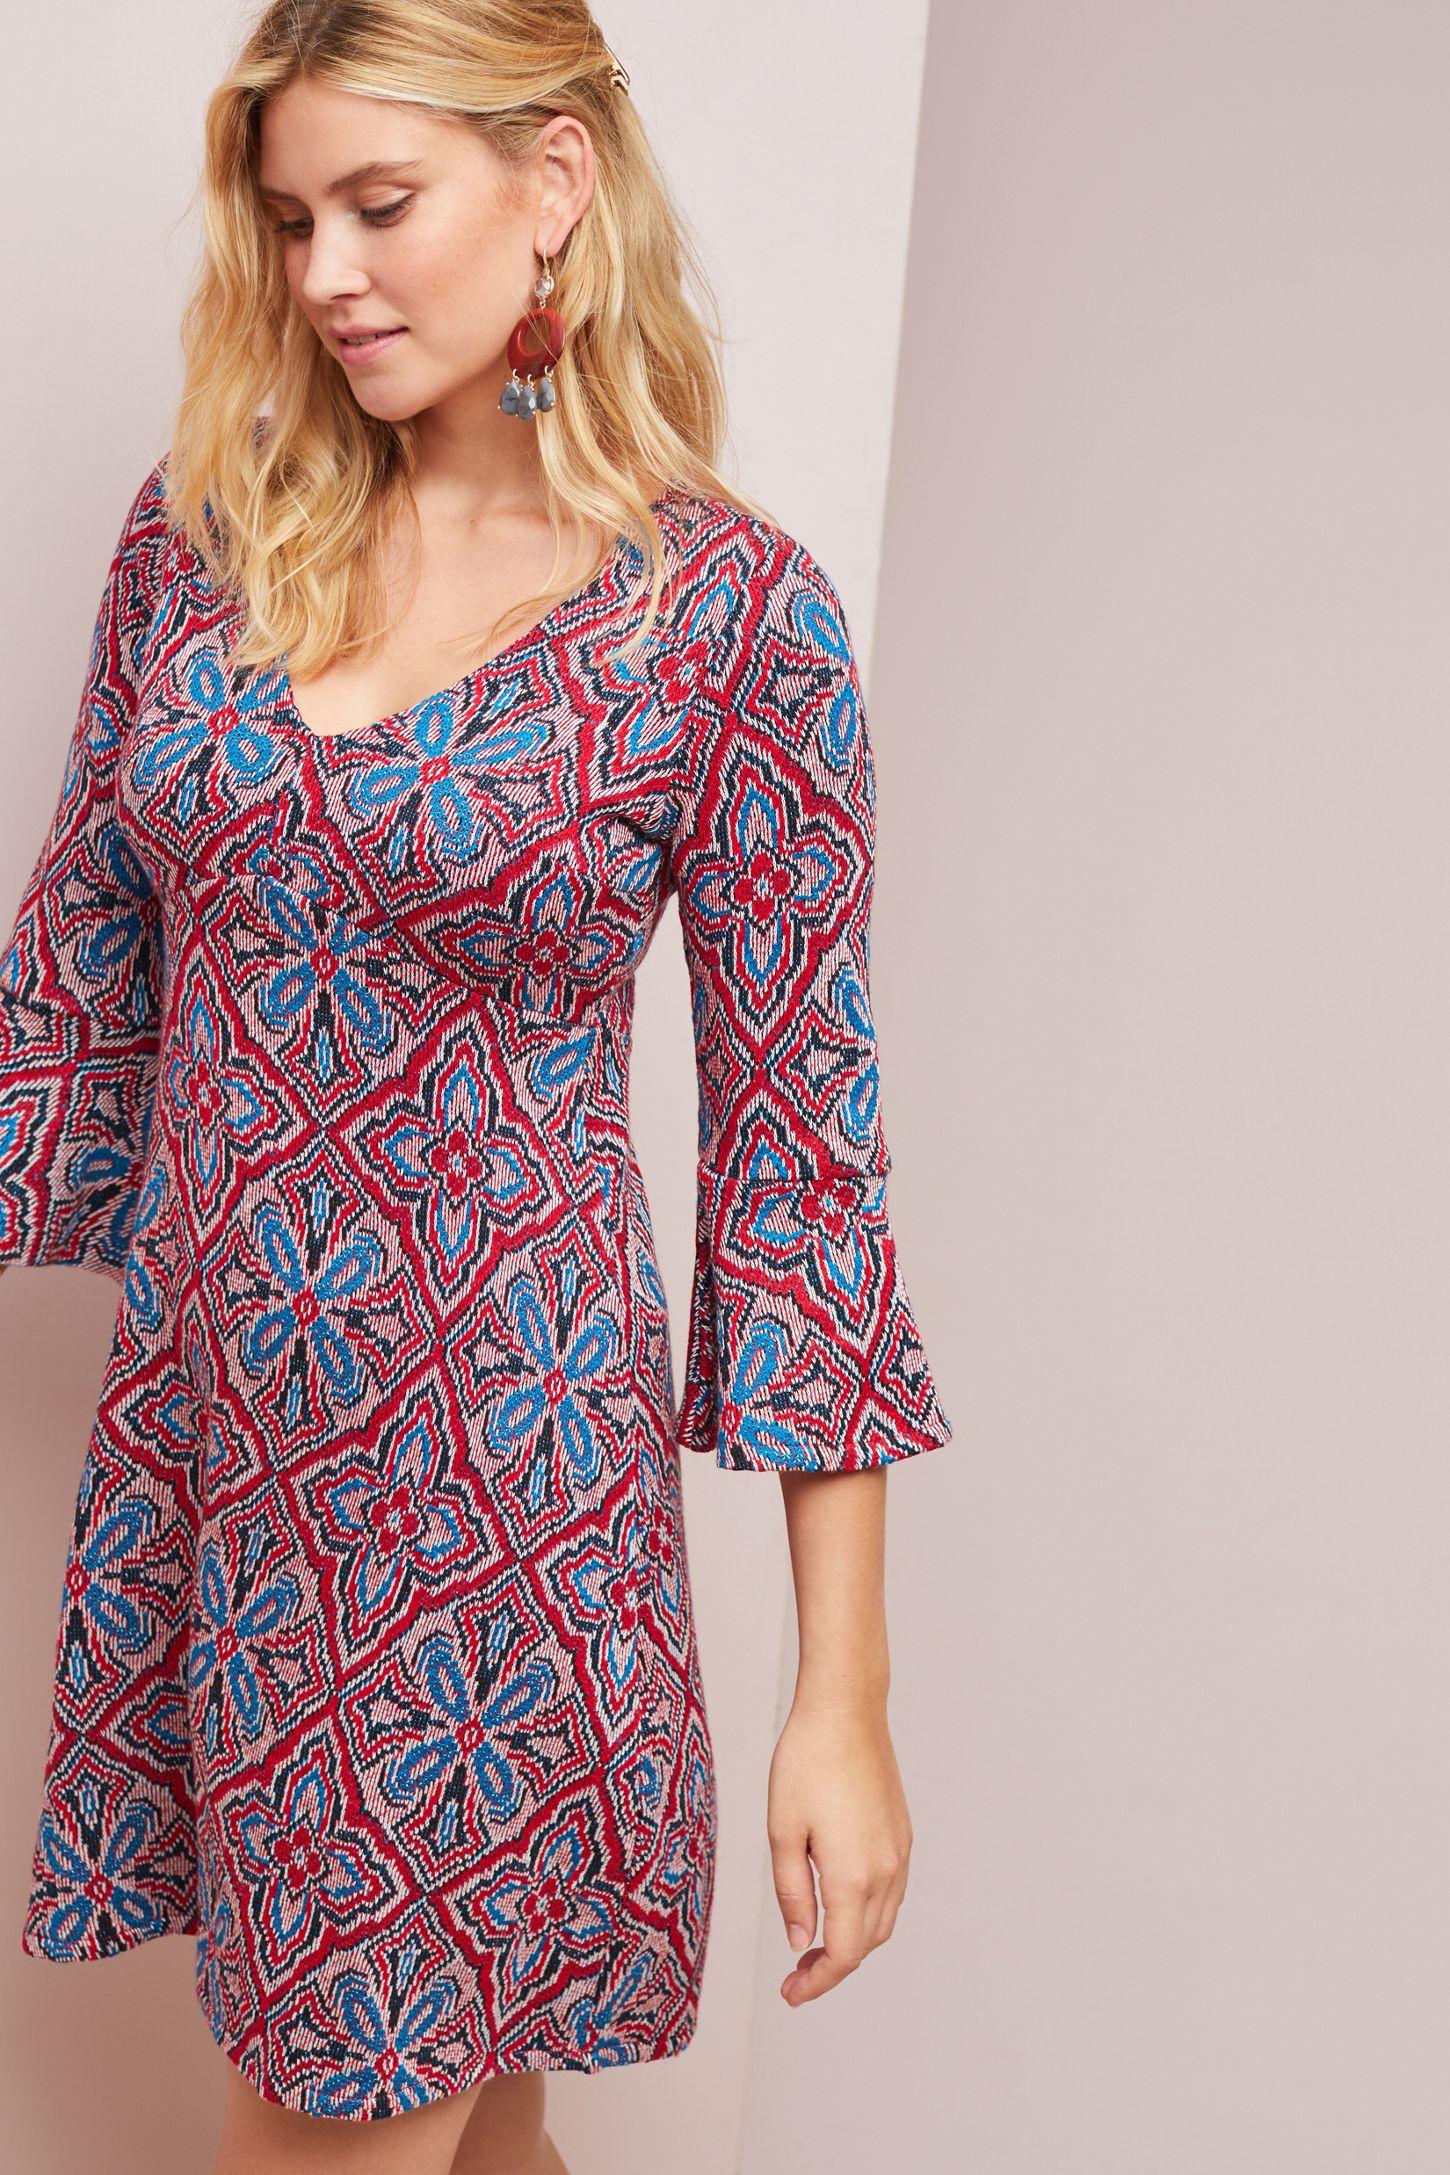 98821880e23 Barrie Sweater Dress